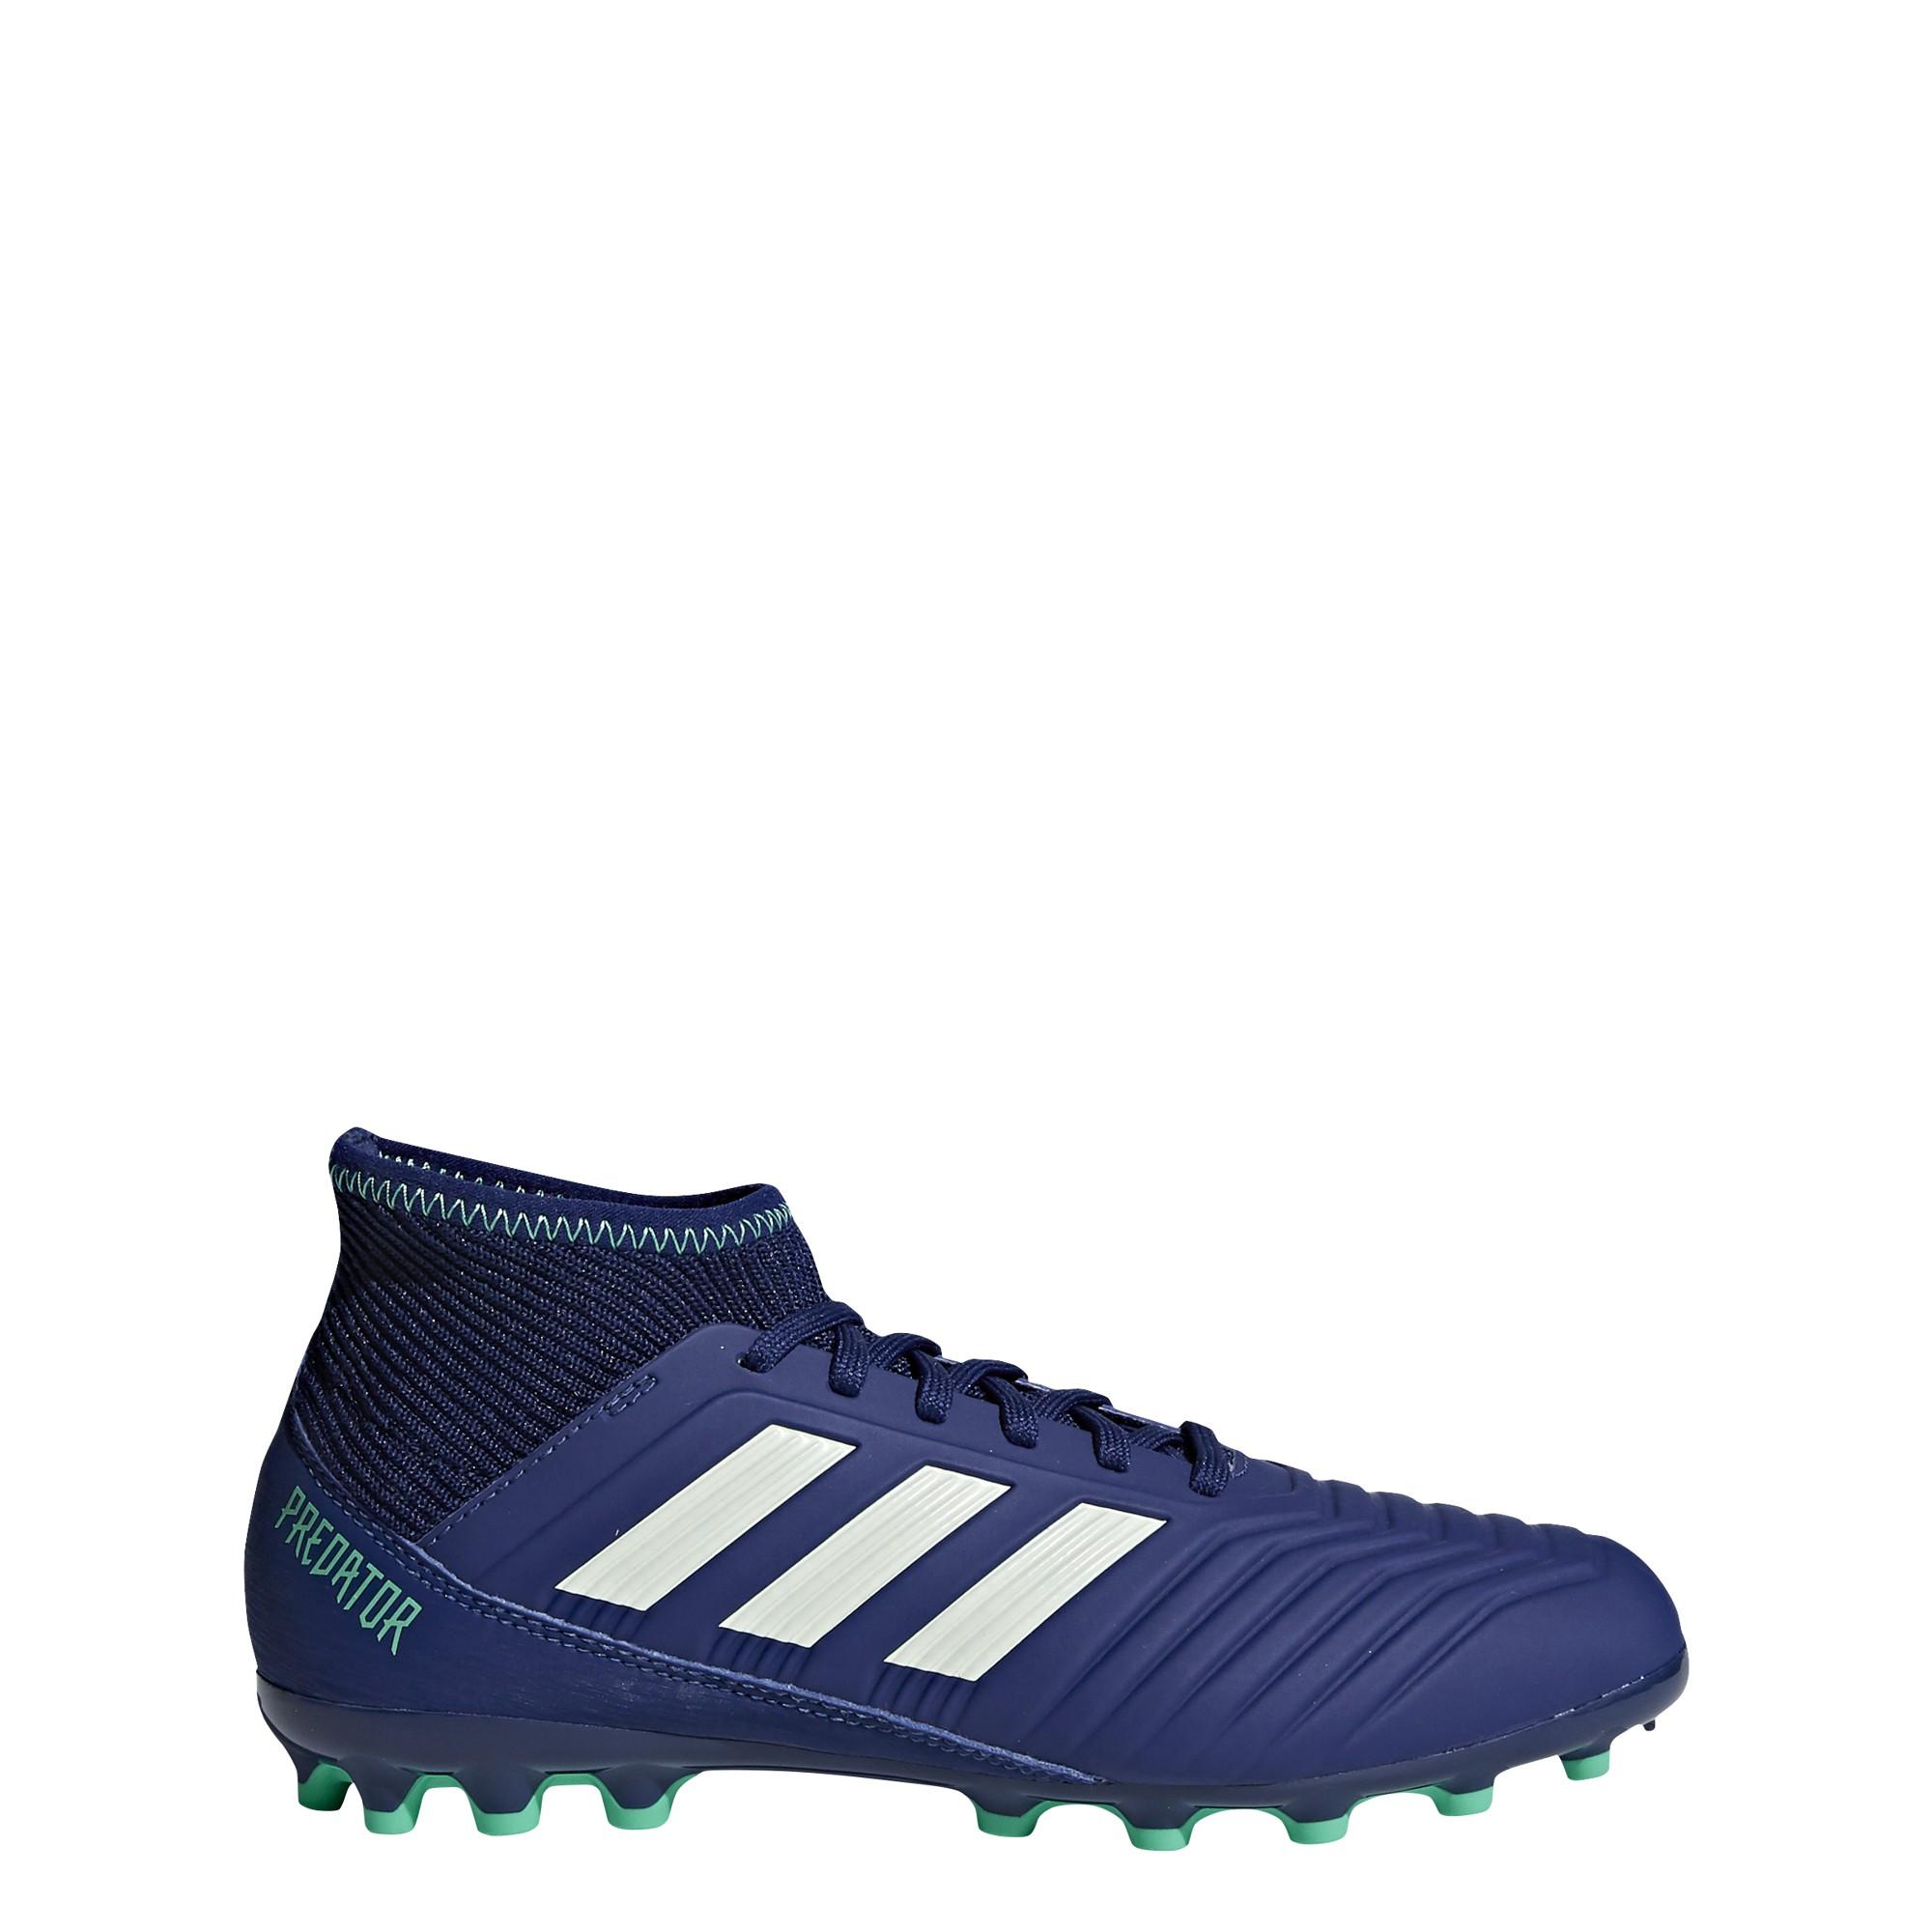 0a8df9641fc92 Bota de Fútbol Adidas Predator 18.3 Césped Artificial - Deportes Moya